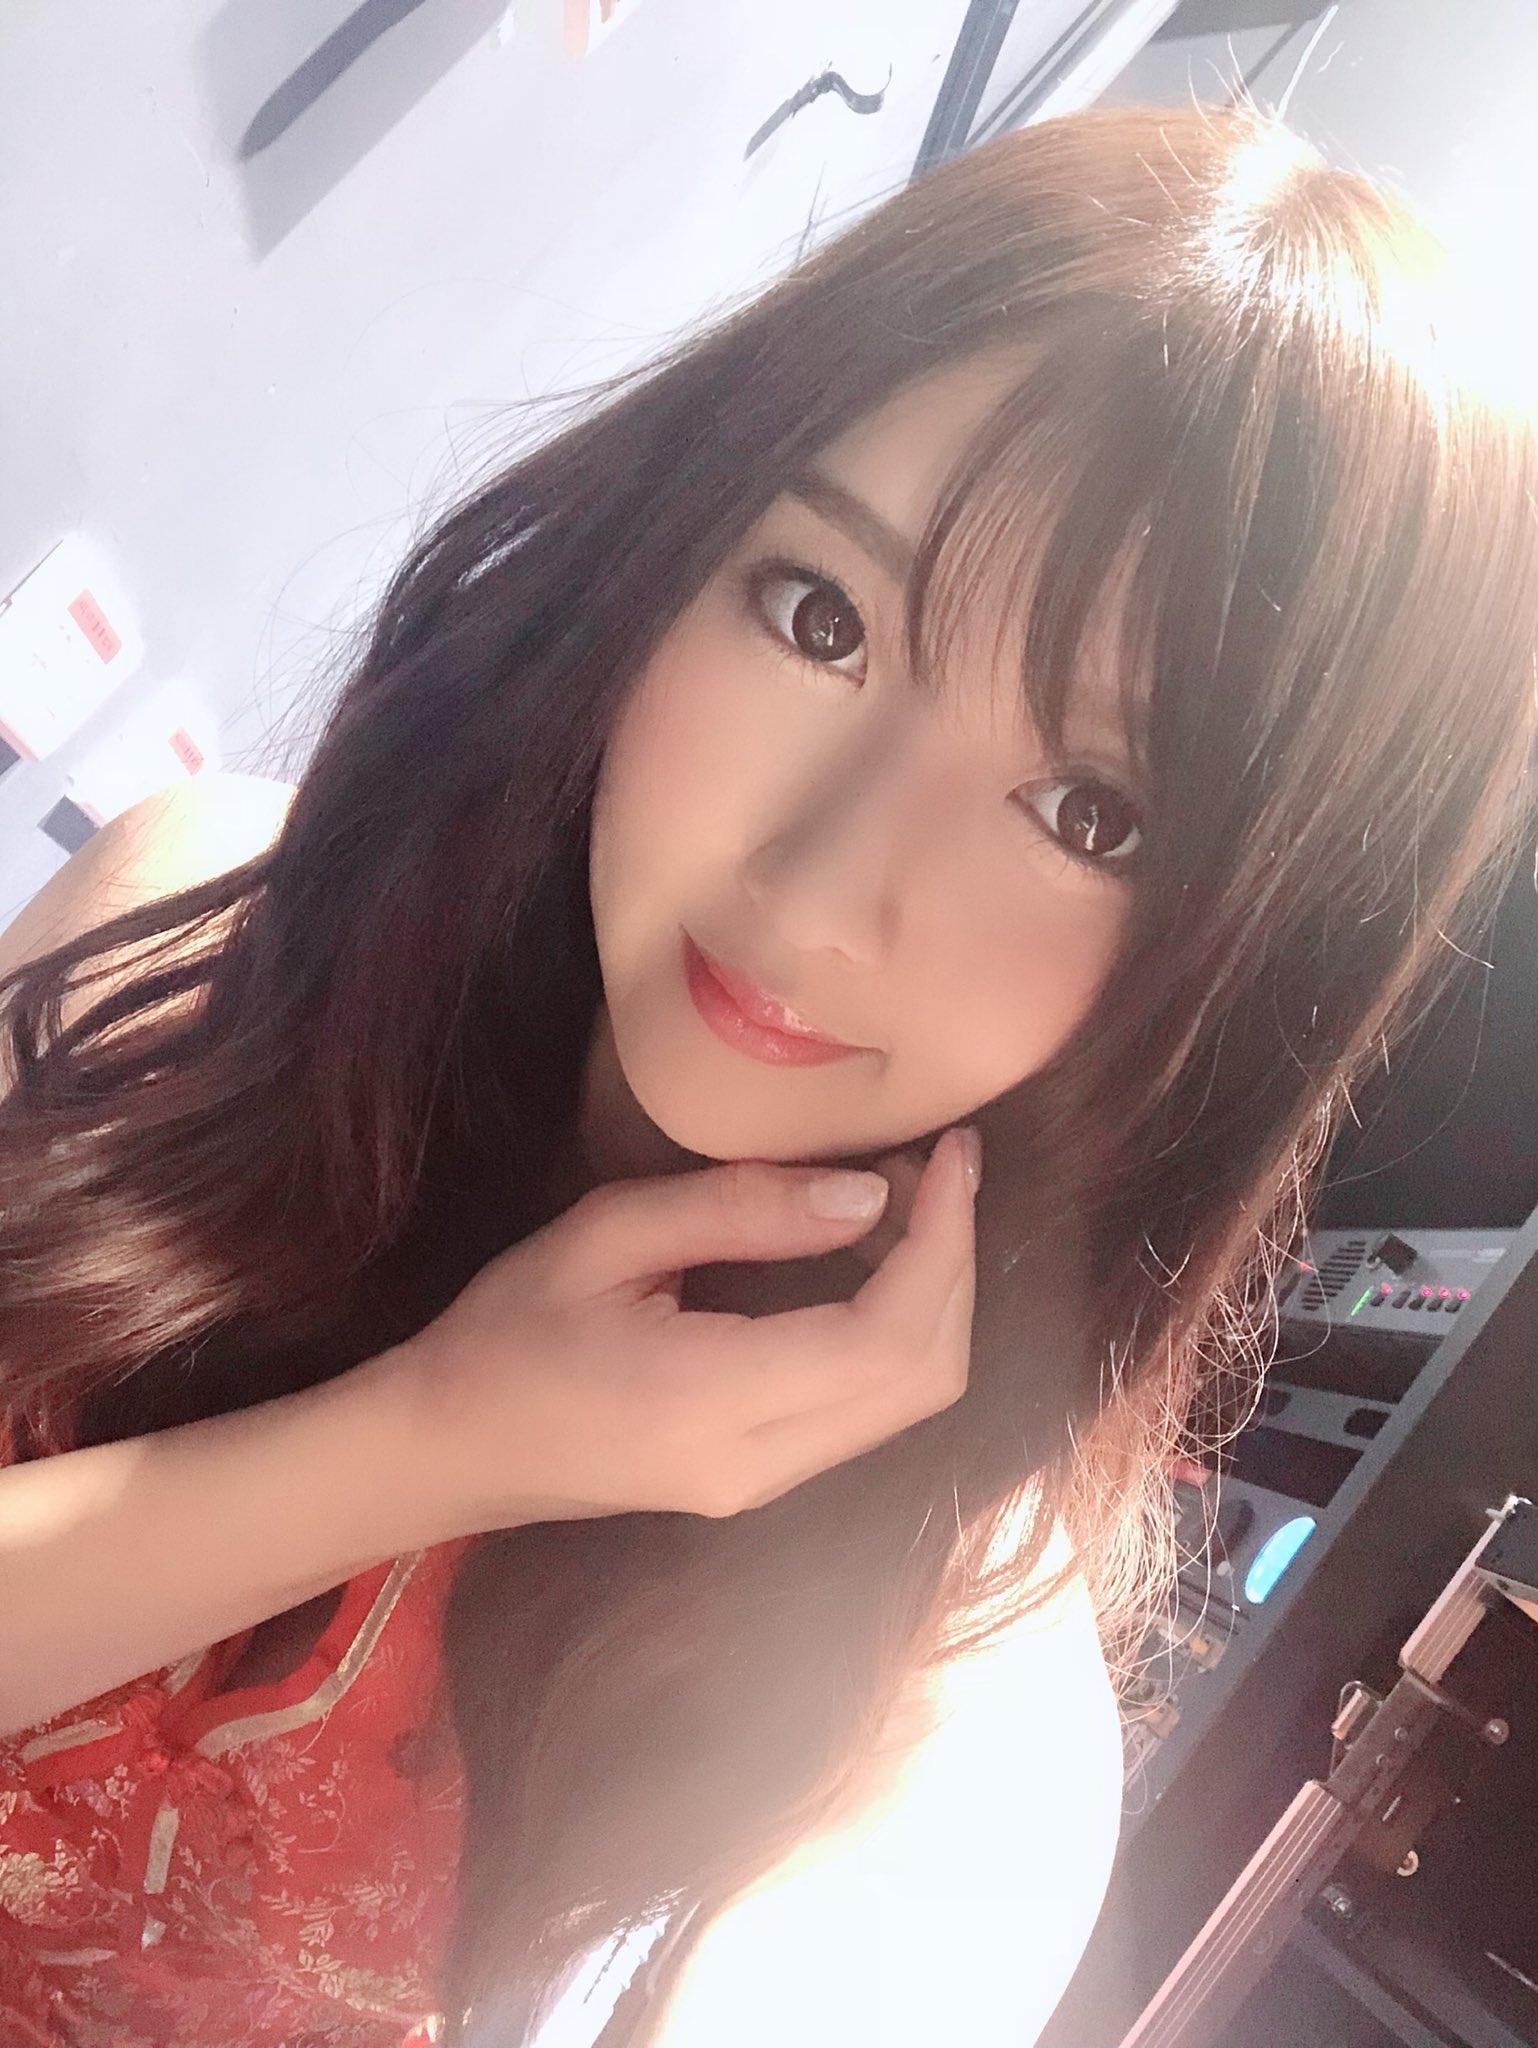 275 35 19 >> 「女神每日动态」 2019-01-20 明日花绮罗 樱空桃…等 - 哔哩哔哩